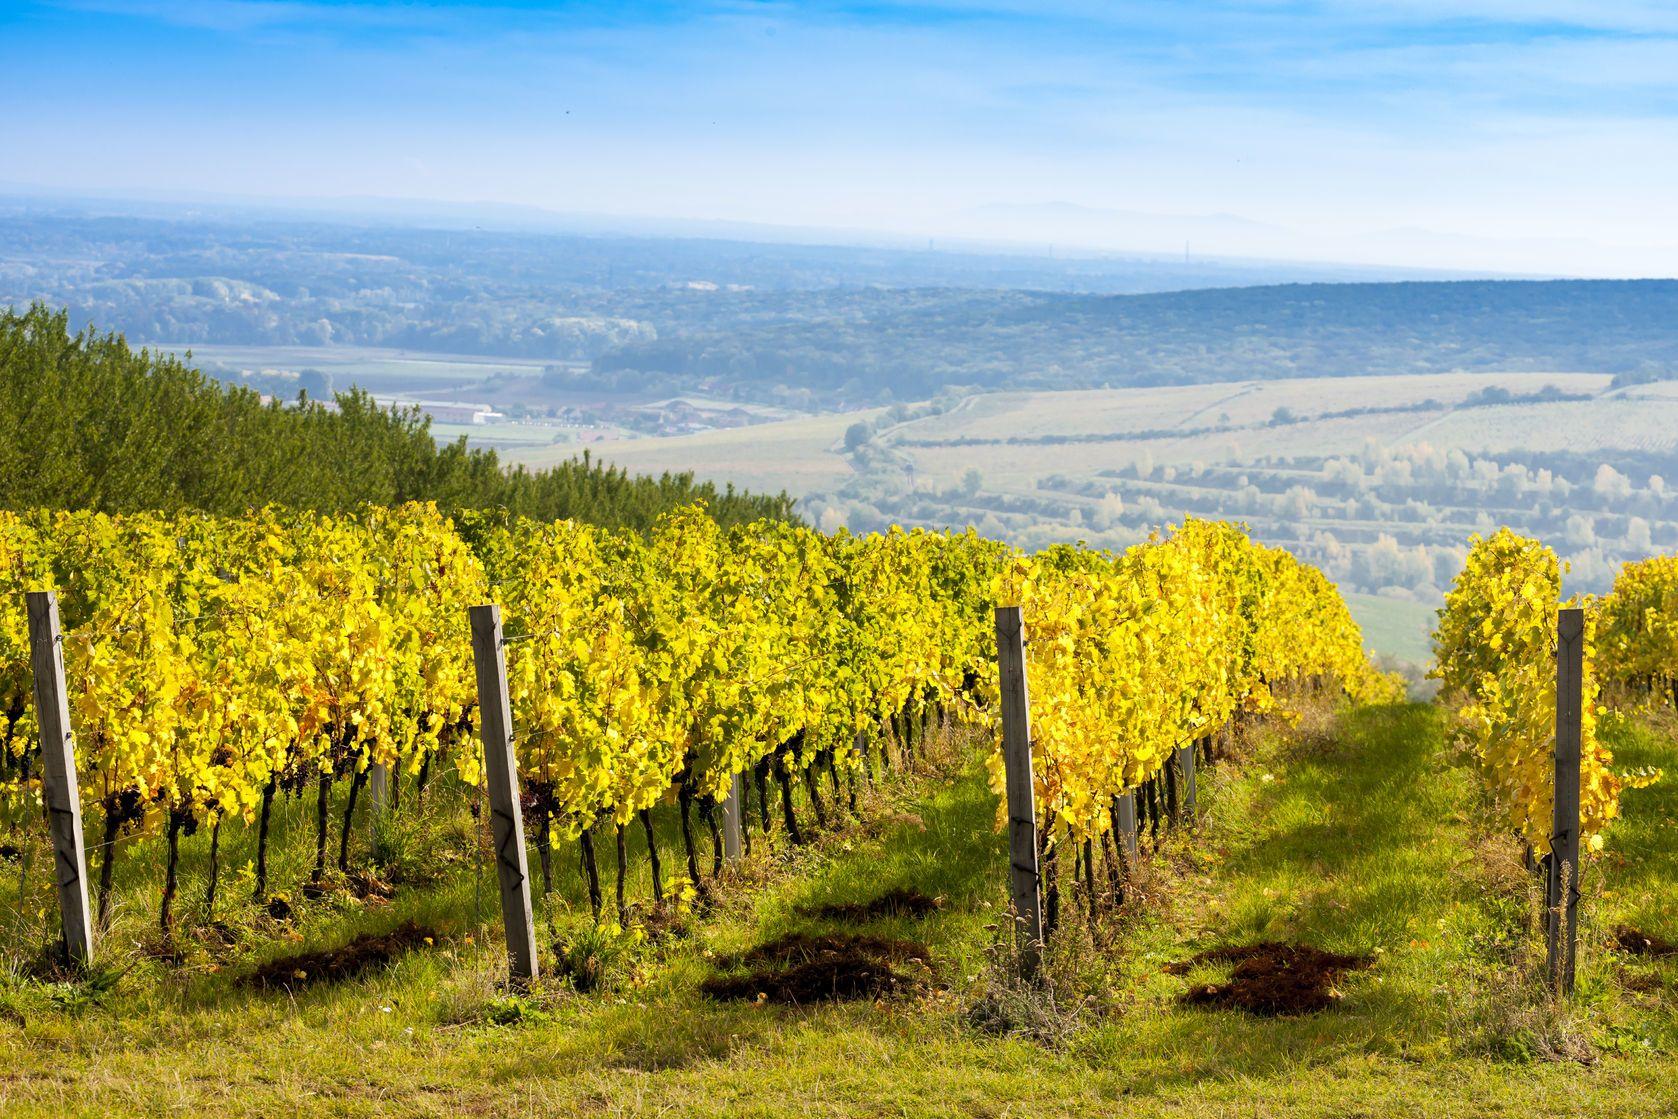 Podzimní vinice v okolí Pálavy | phbcz/123RF.com